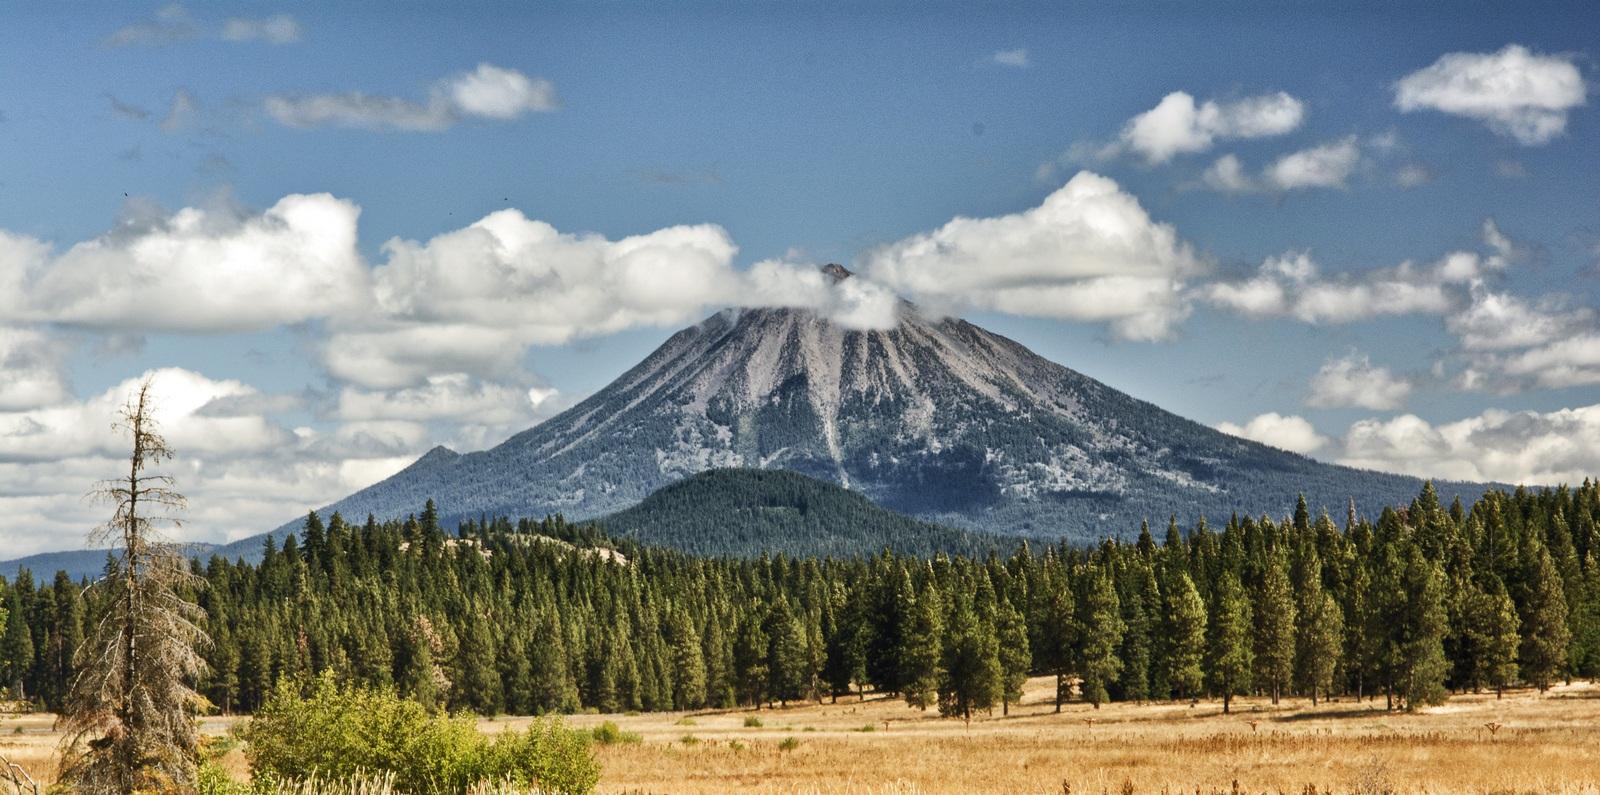 Mt-McLaughlin-meadow-travel-southern-oregon-matt-witt